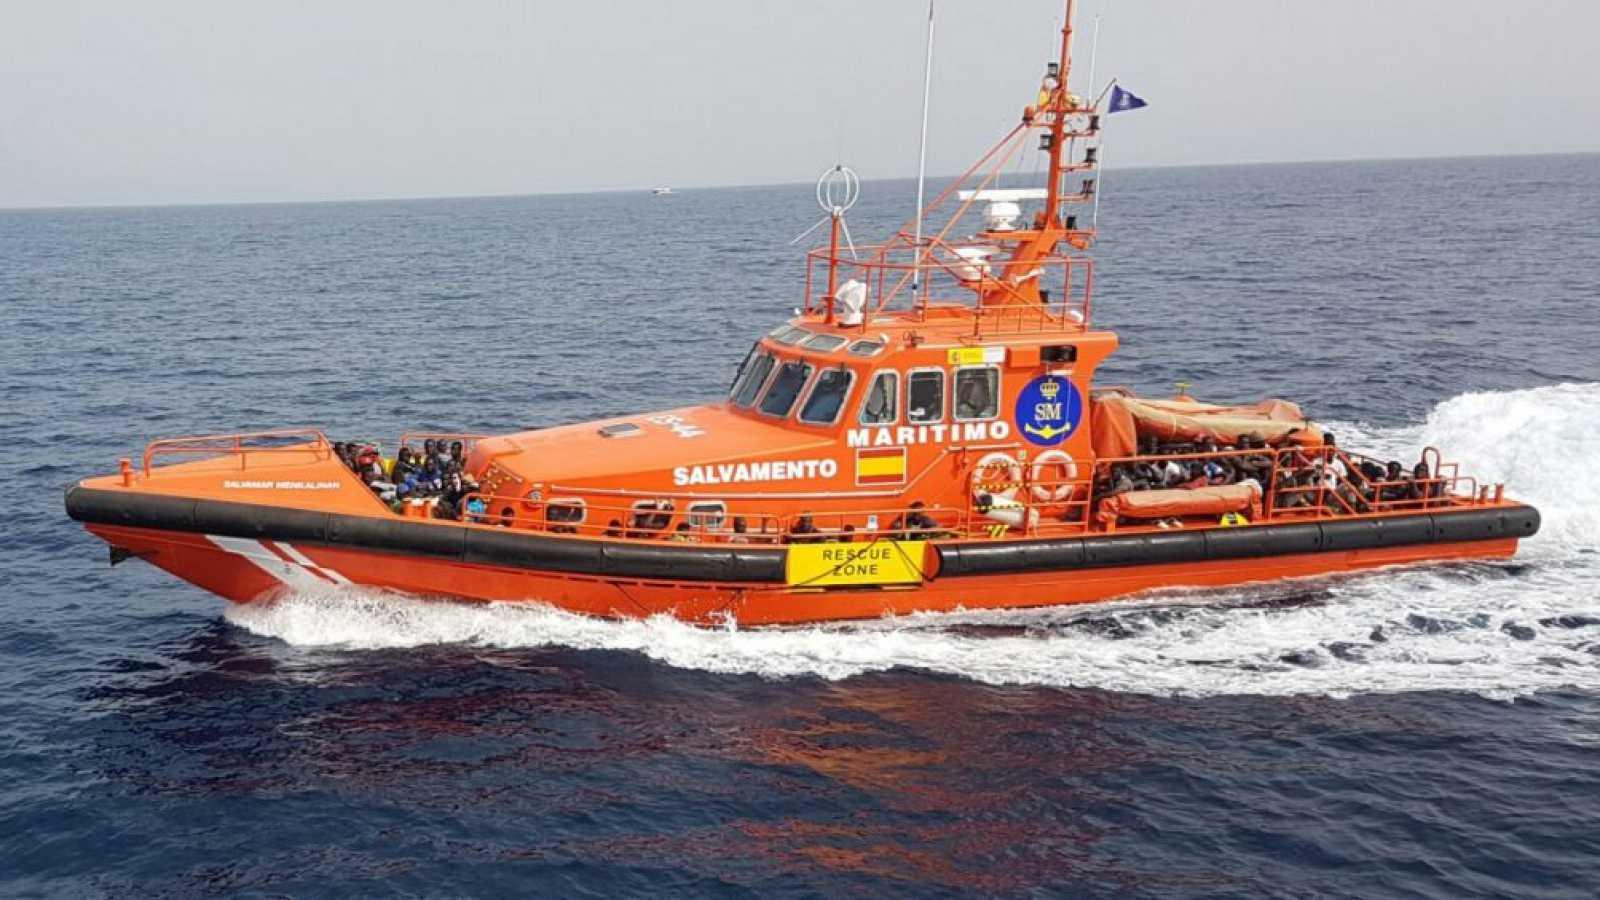 Españoles en la mar - Situación de Salvamento Marítimo en Canarias - 27/10/20 - escuchar ahora